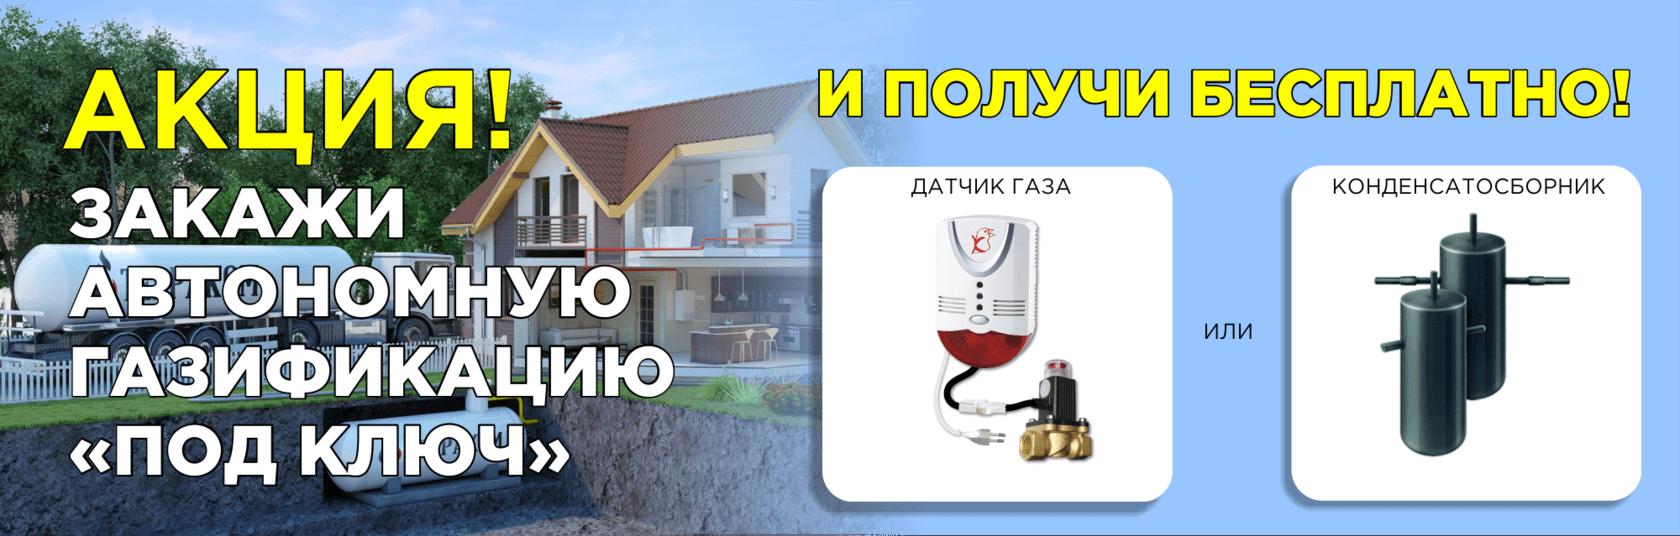 Газгольдер в Севастополе